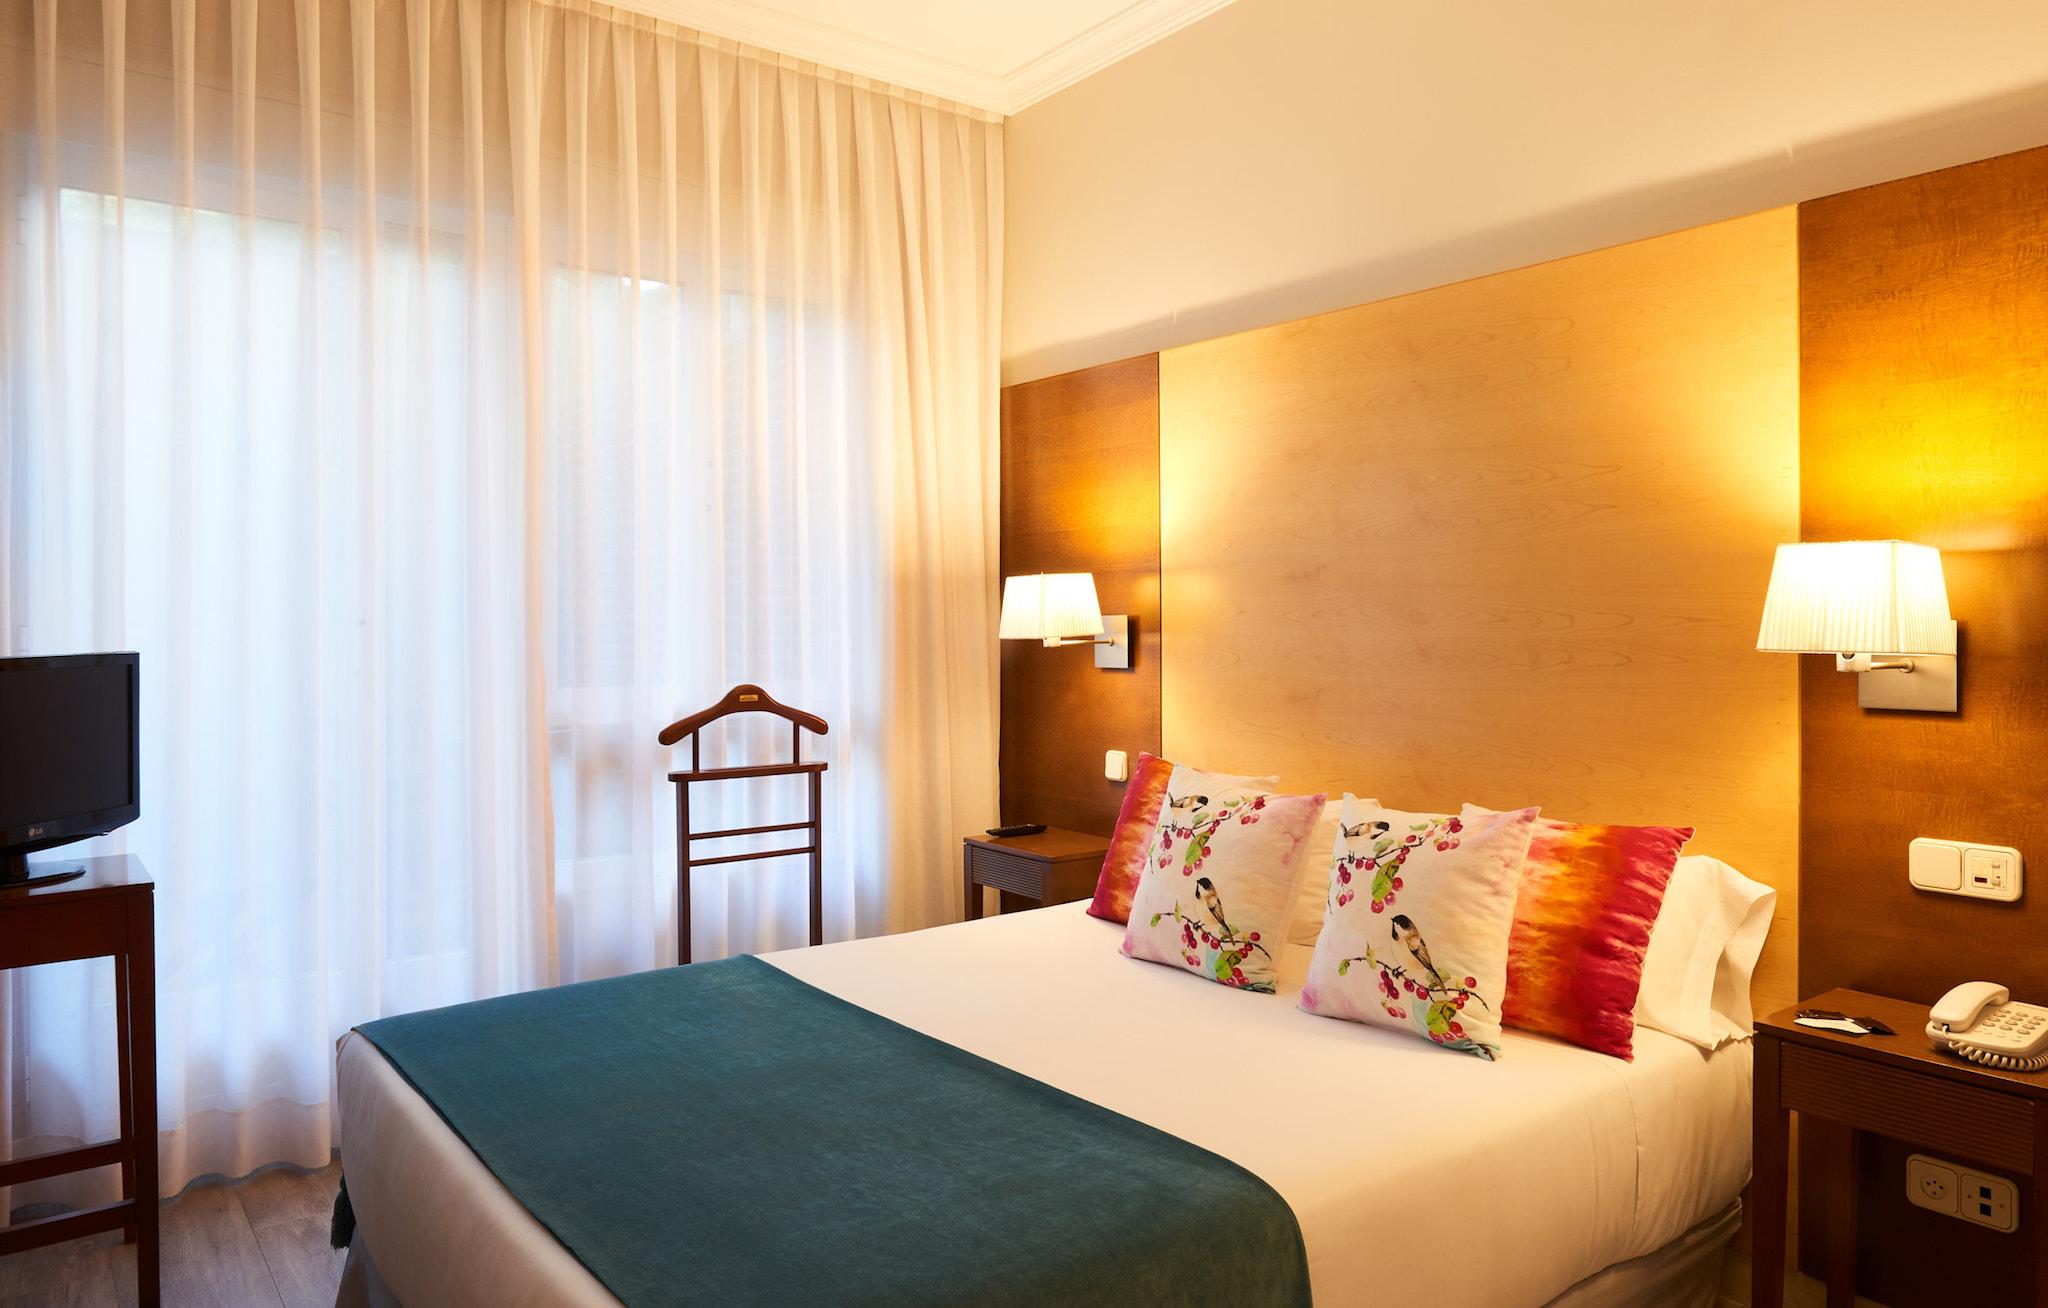 Habitaci n suite con sal n hotel suites barrio de for Codigo postal del barrio de salamanca en madrid